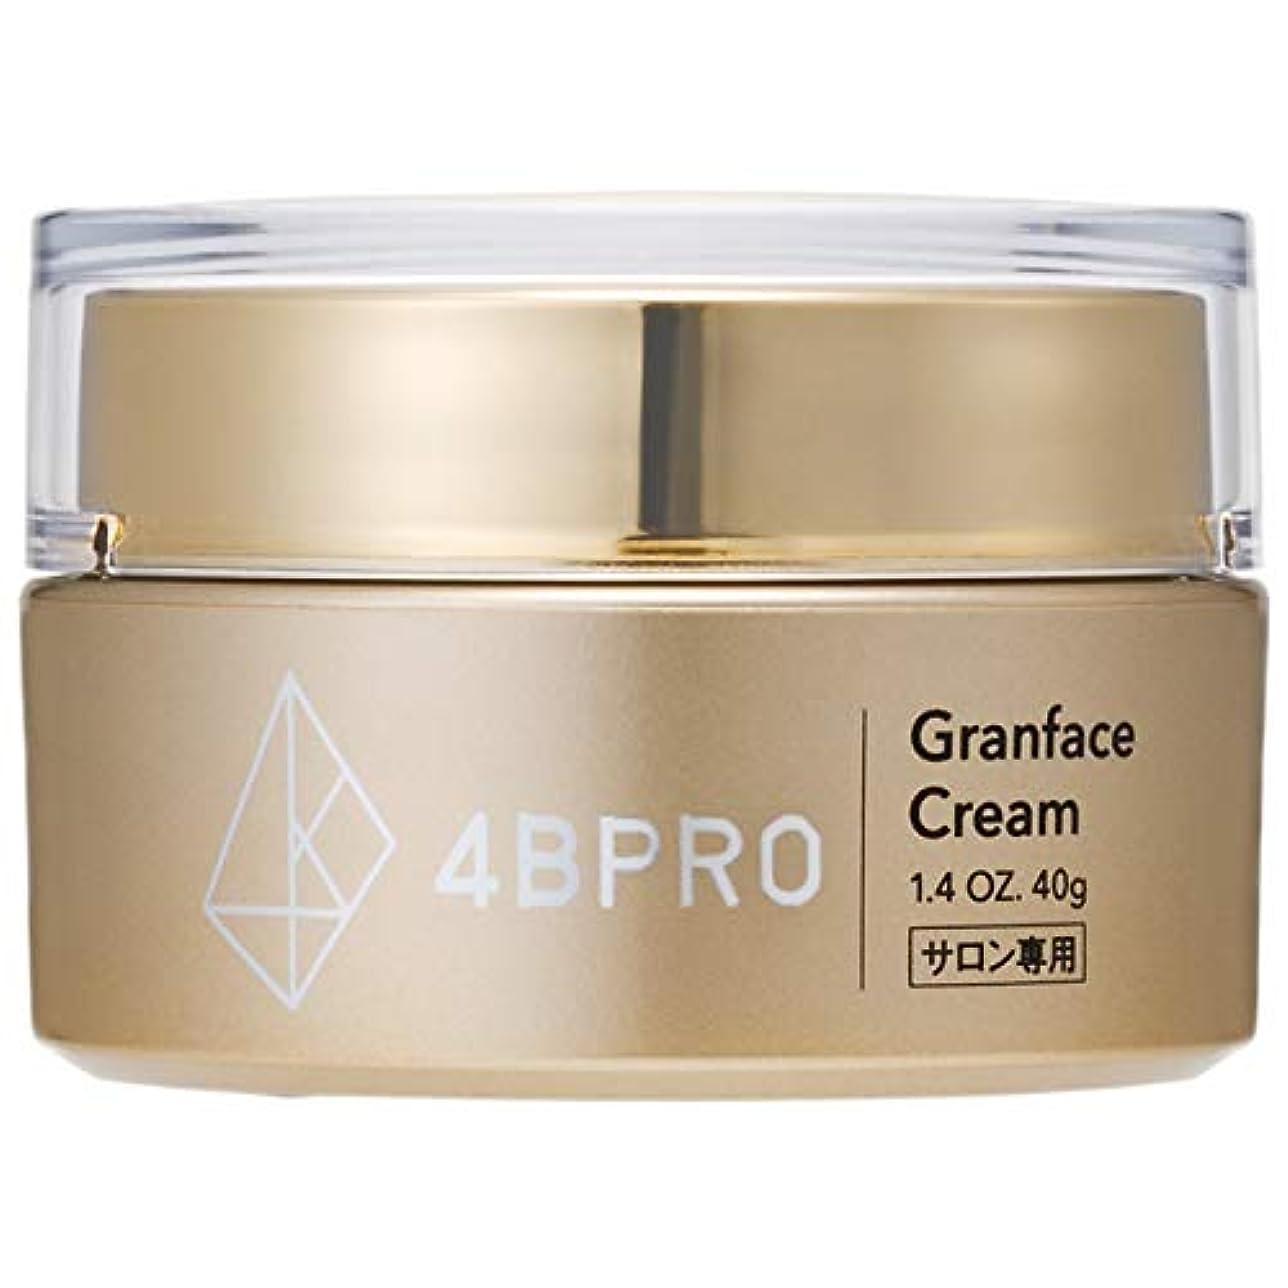 アッティカスマーガレットミッチェルシャワー4BPRO GranFace Cream(フォービープロ グランフェイスクリーム)フェイスクリーム 高浸透型ヒアルロン酸、抗炎症、抗酸化、美白美容成分配合 40g